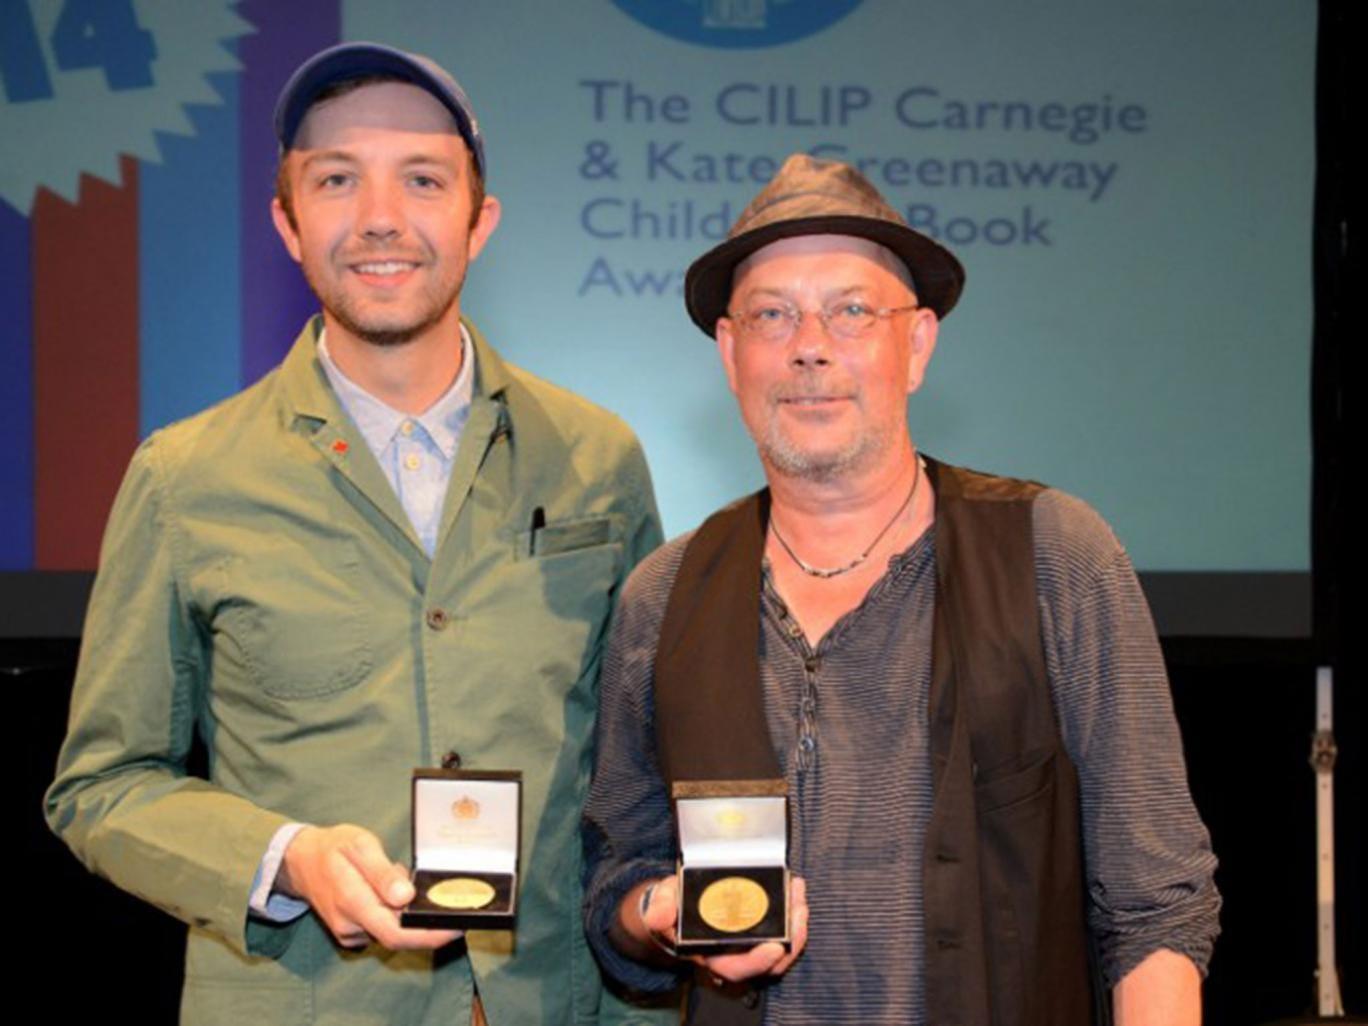 Jon Klassen, winner of the Kate Greenaway Medal, and Kevin Brooks, with his Carnegie Medal